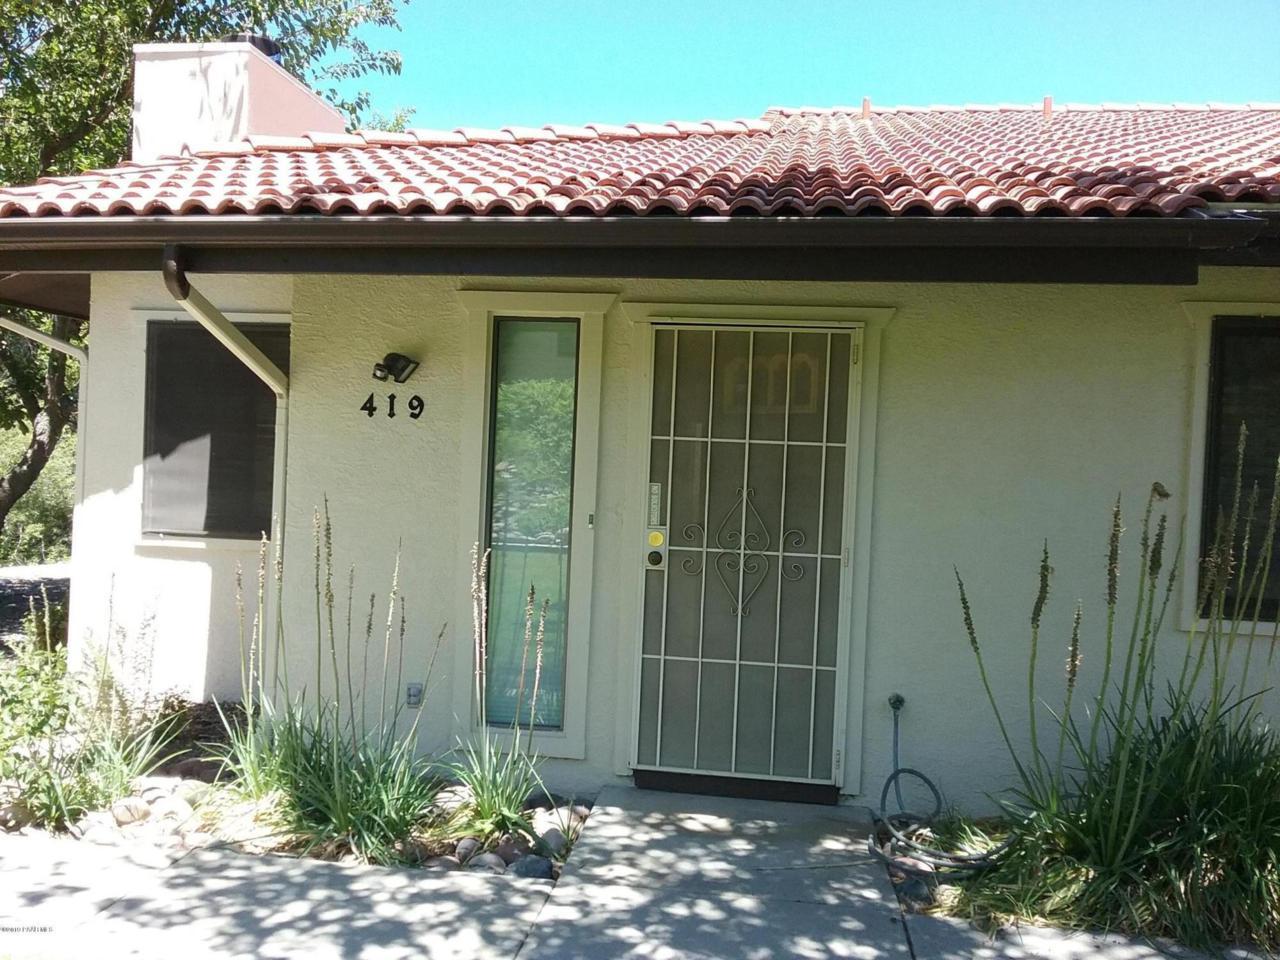 419 Torrey Pine Lane - Photo 1